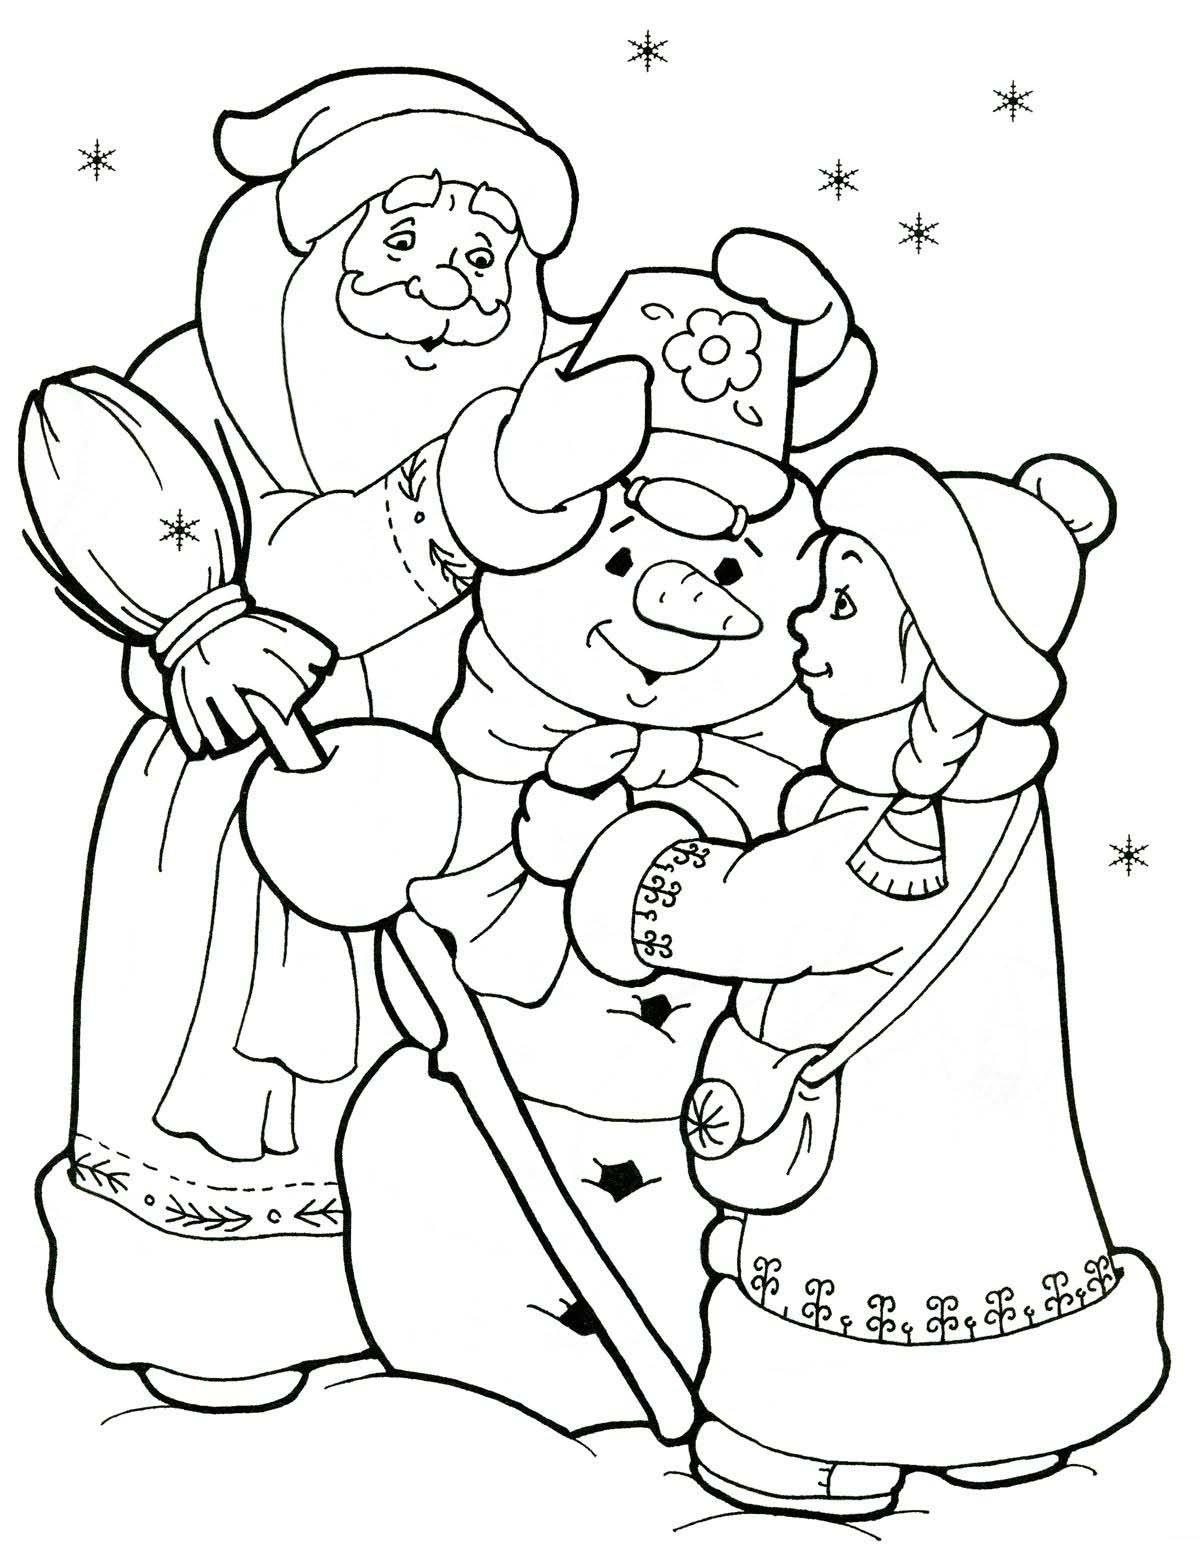 Картинки деда мороза и снегурочки для детей черно белые распечатать